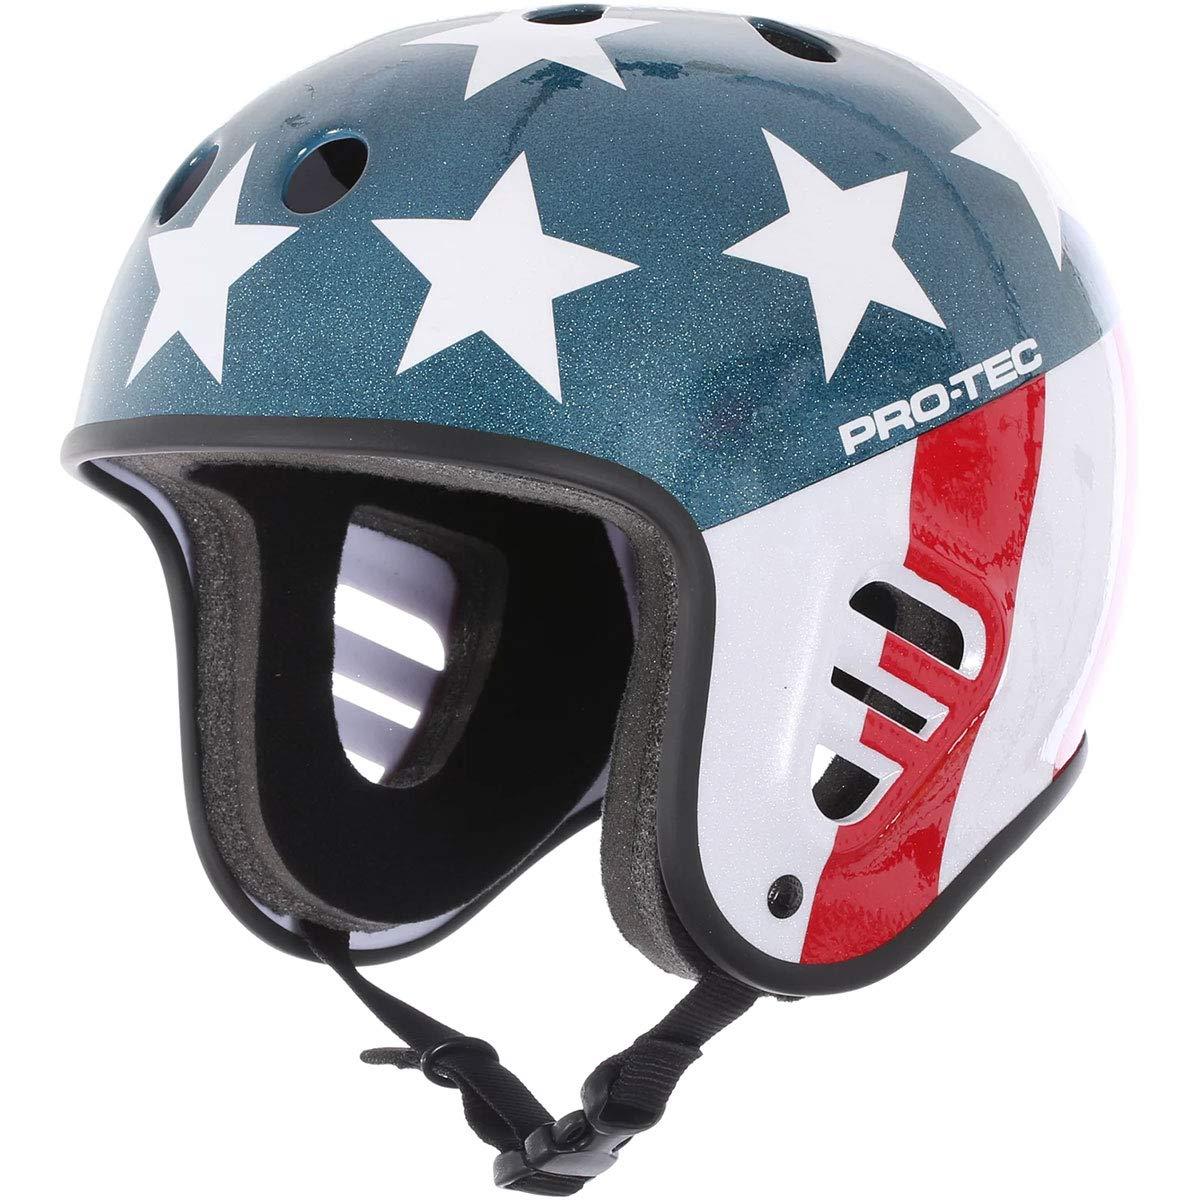 Pro Tec Full Cut Easy Rider Helmet - Black - LG